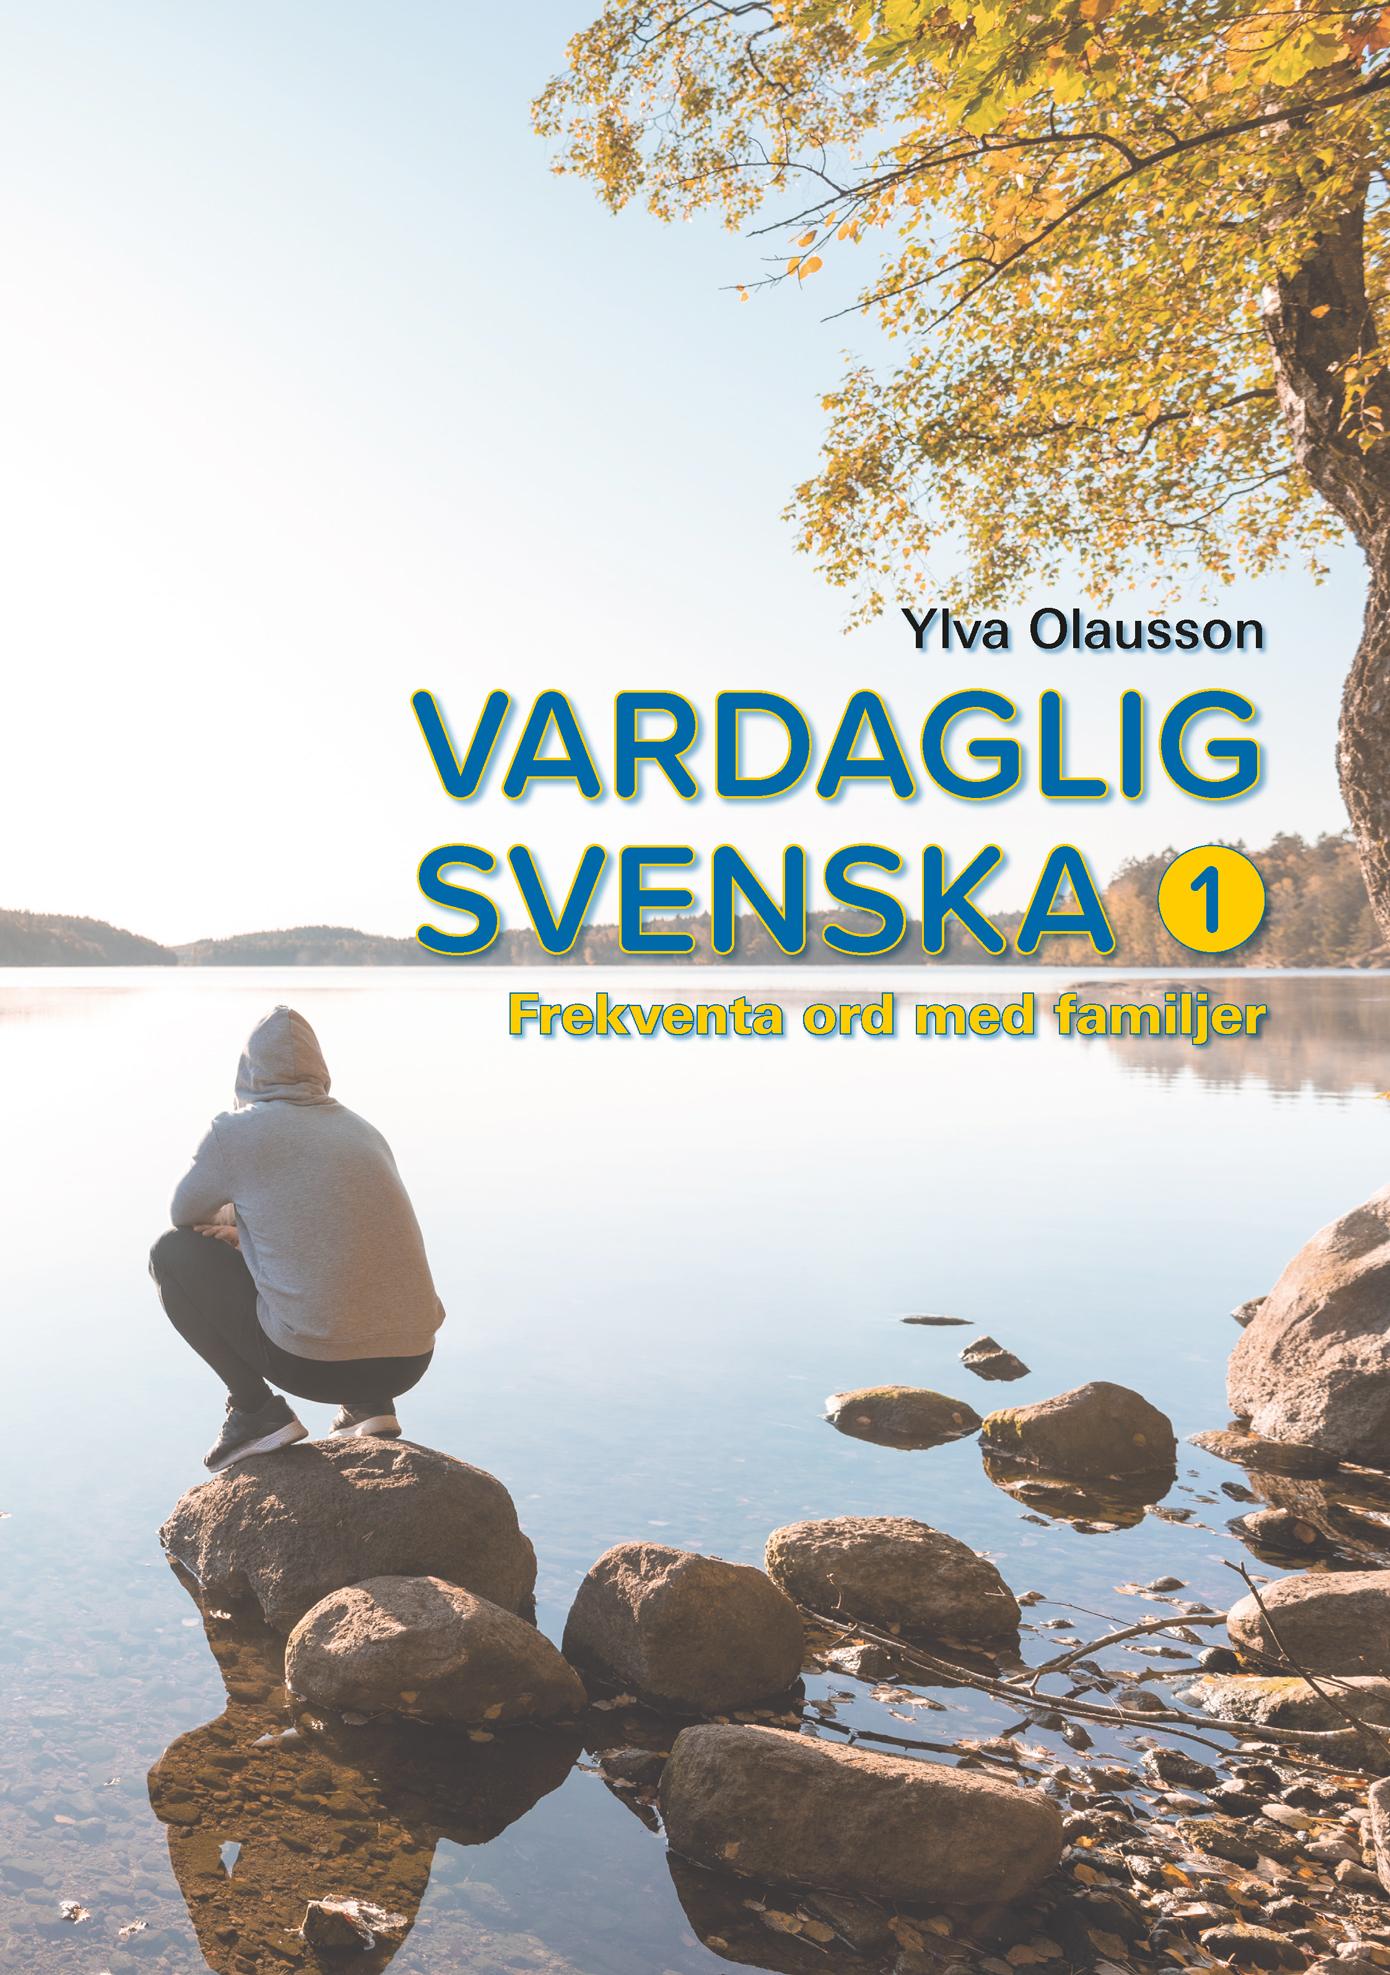 Läs mer om Ylva Olaussons bok Vardaglig svenska 1 – frekventa ord med familjer